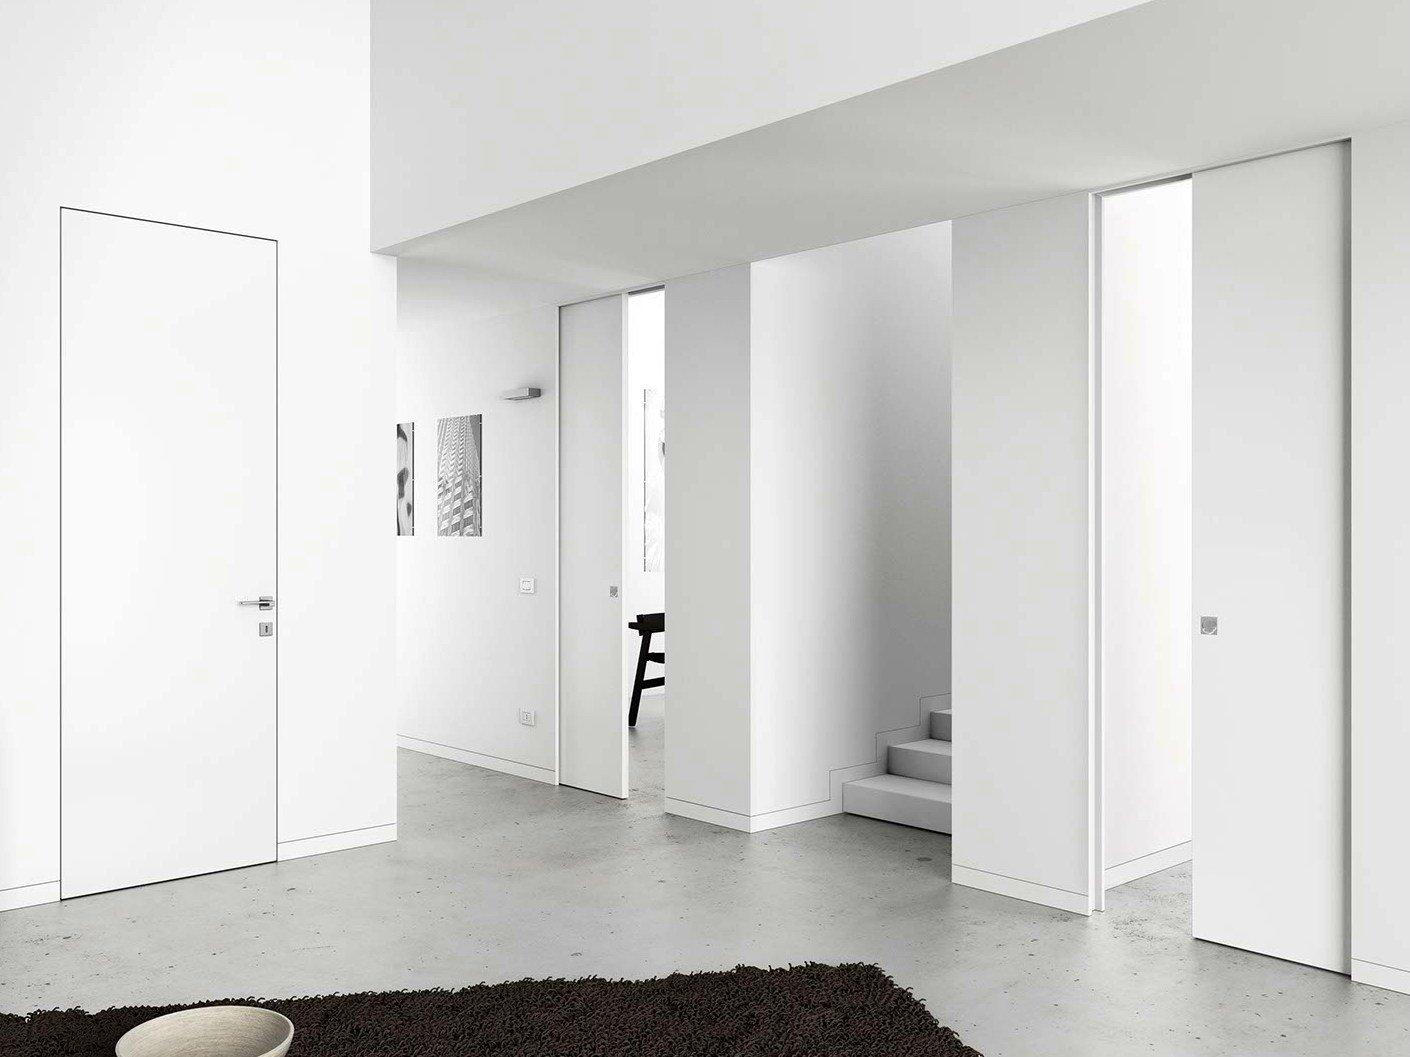 Estetica minimalista per syntesis collection di eclisse for Arredamento minimalista design